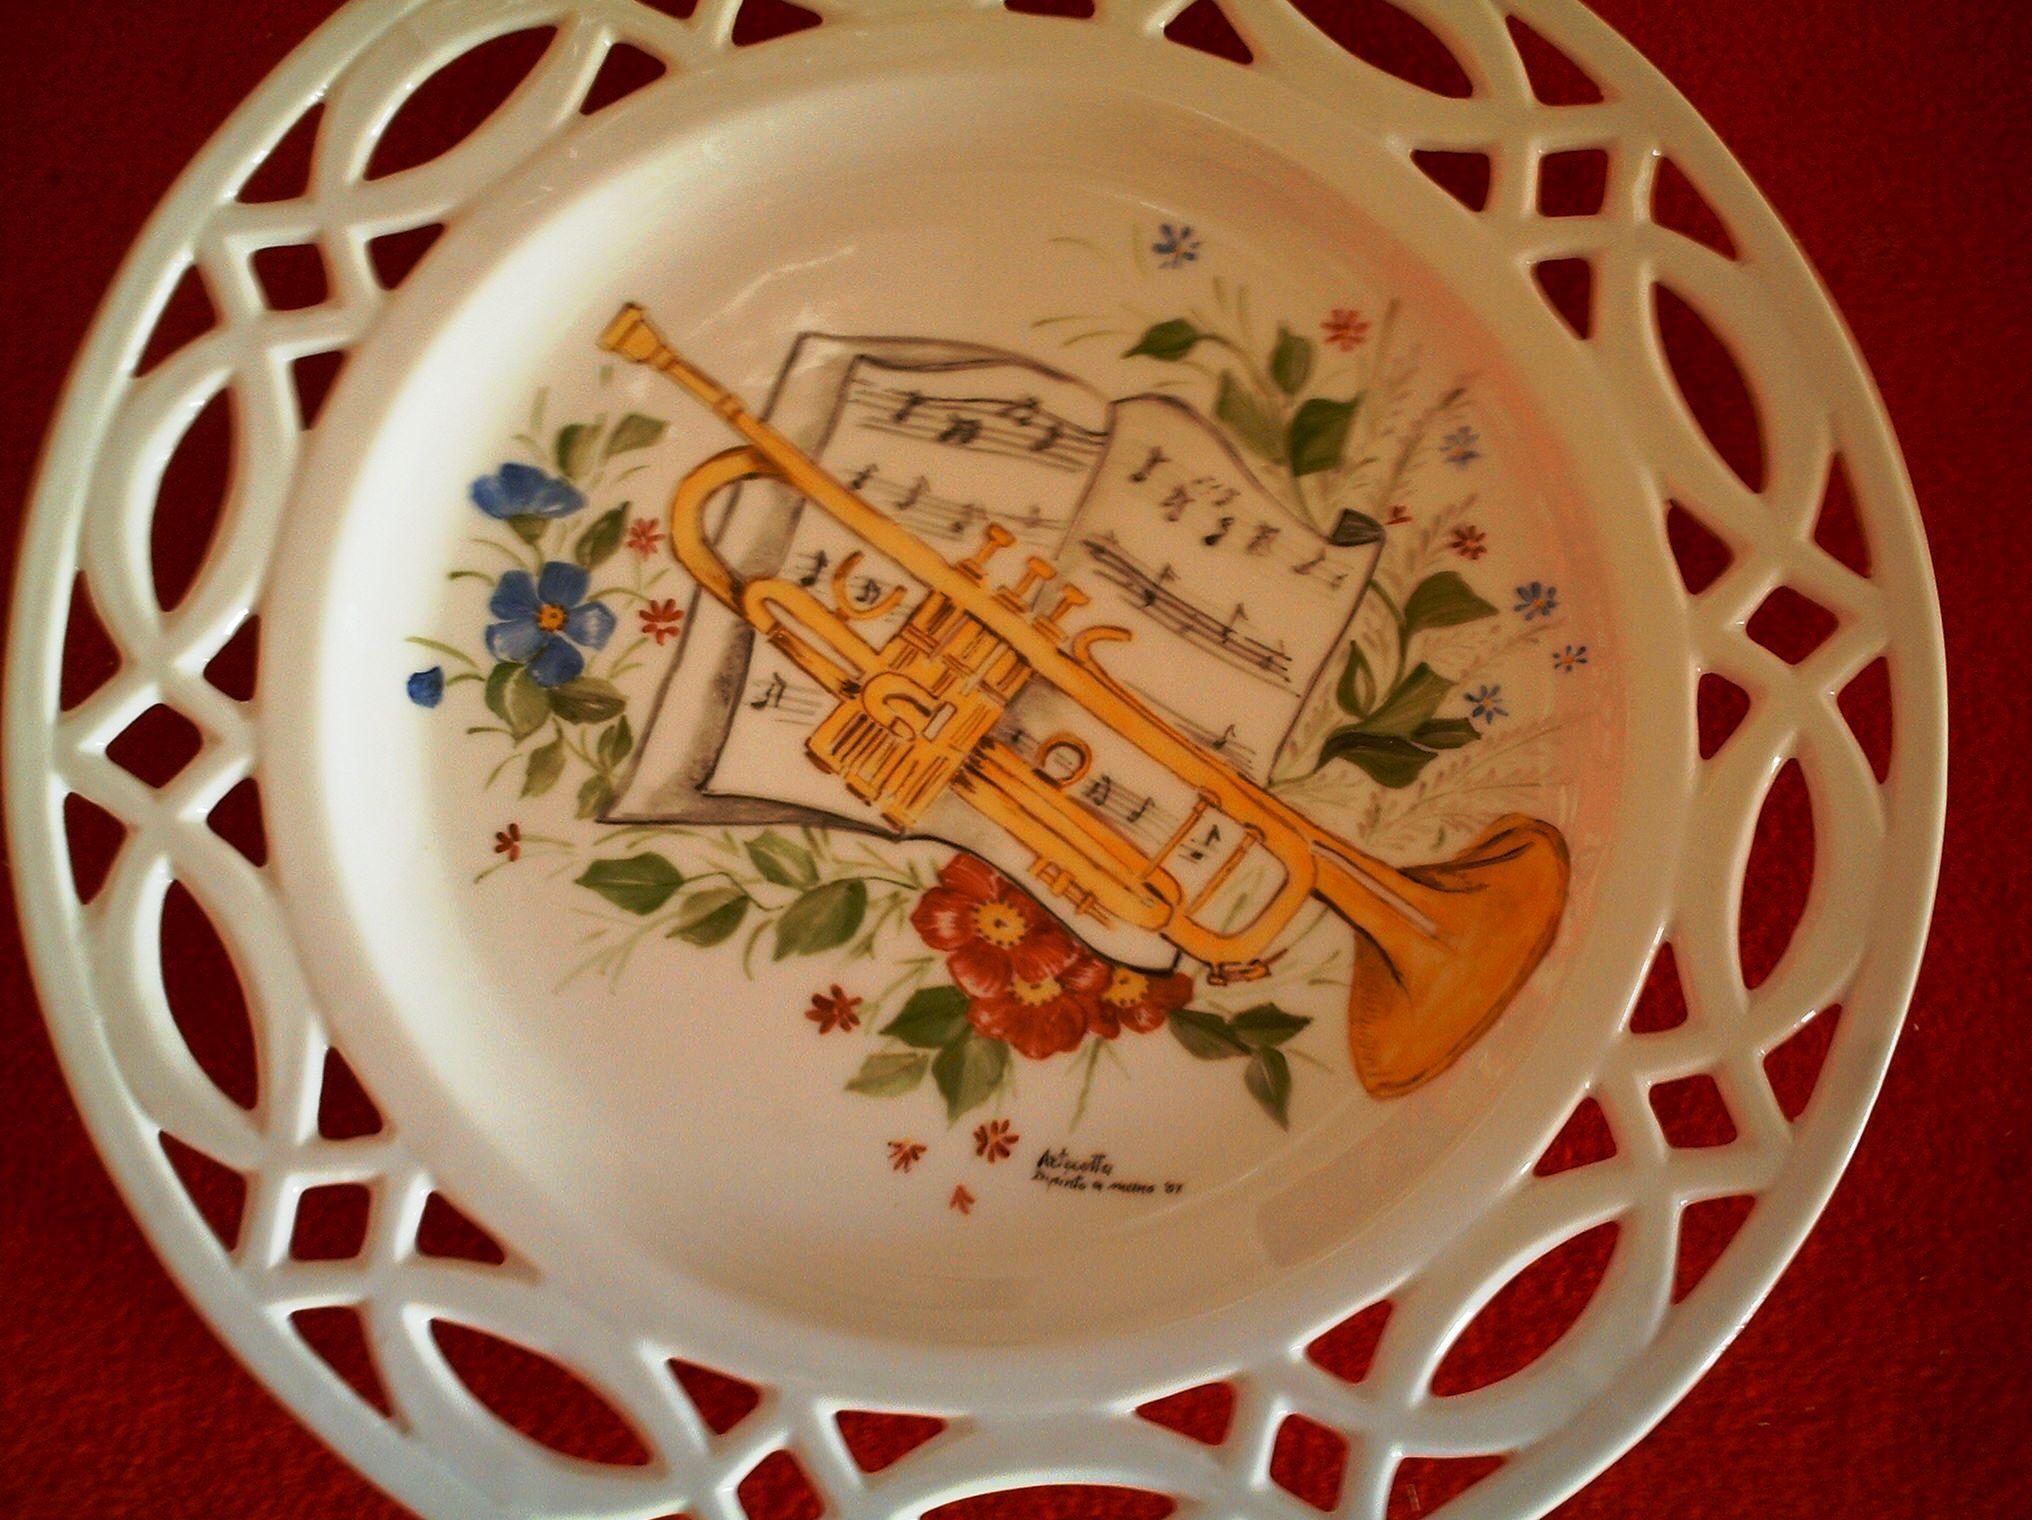 Negozio laboratorio vendita e decorazione di piatti for Piatti decorati